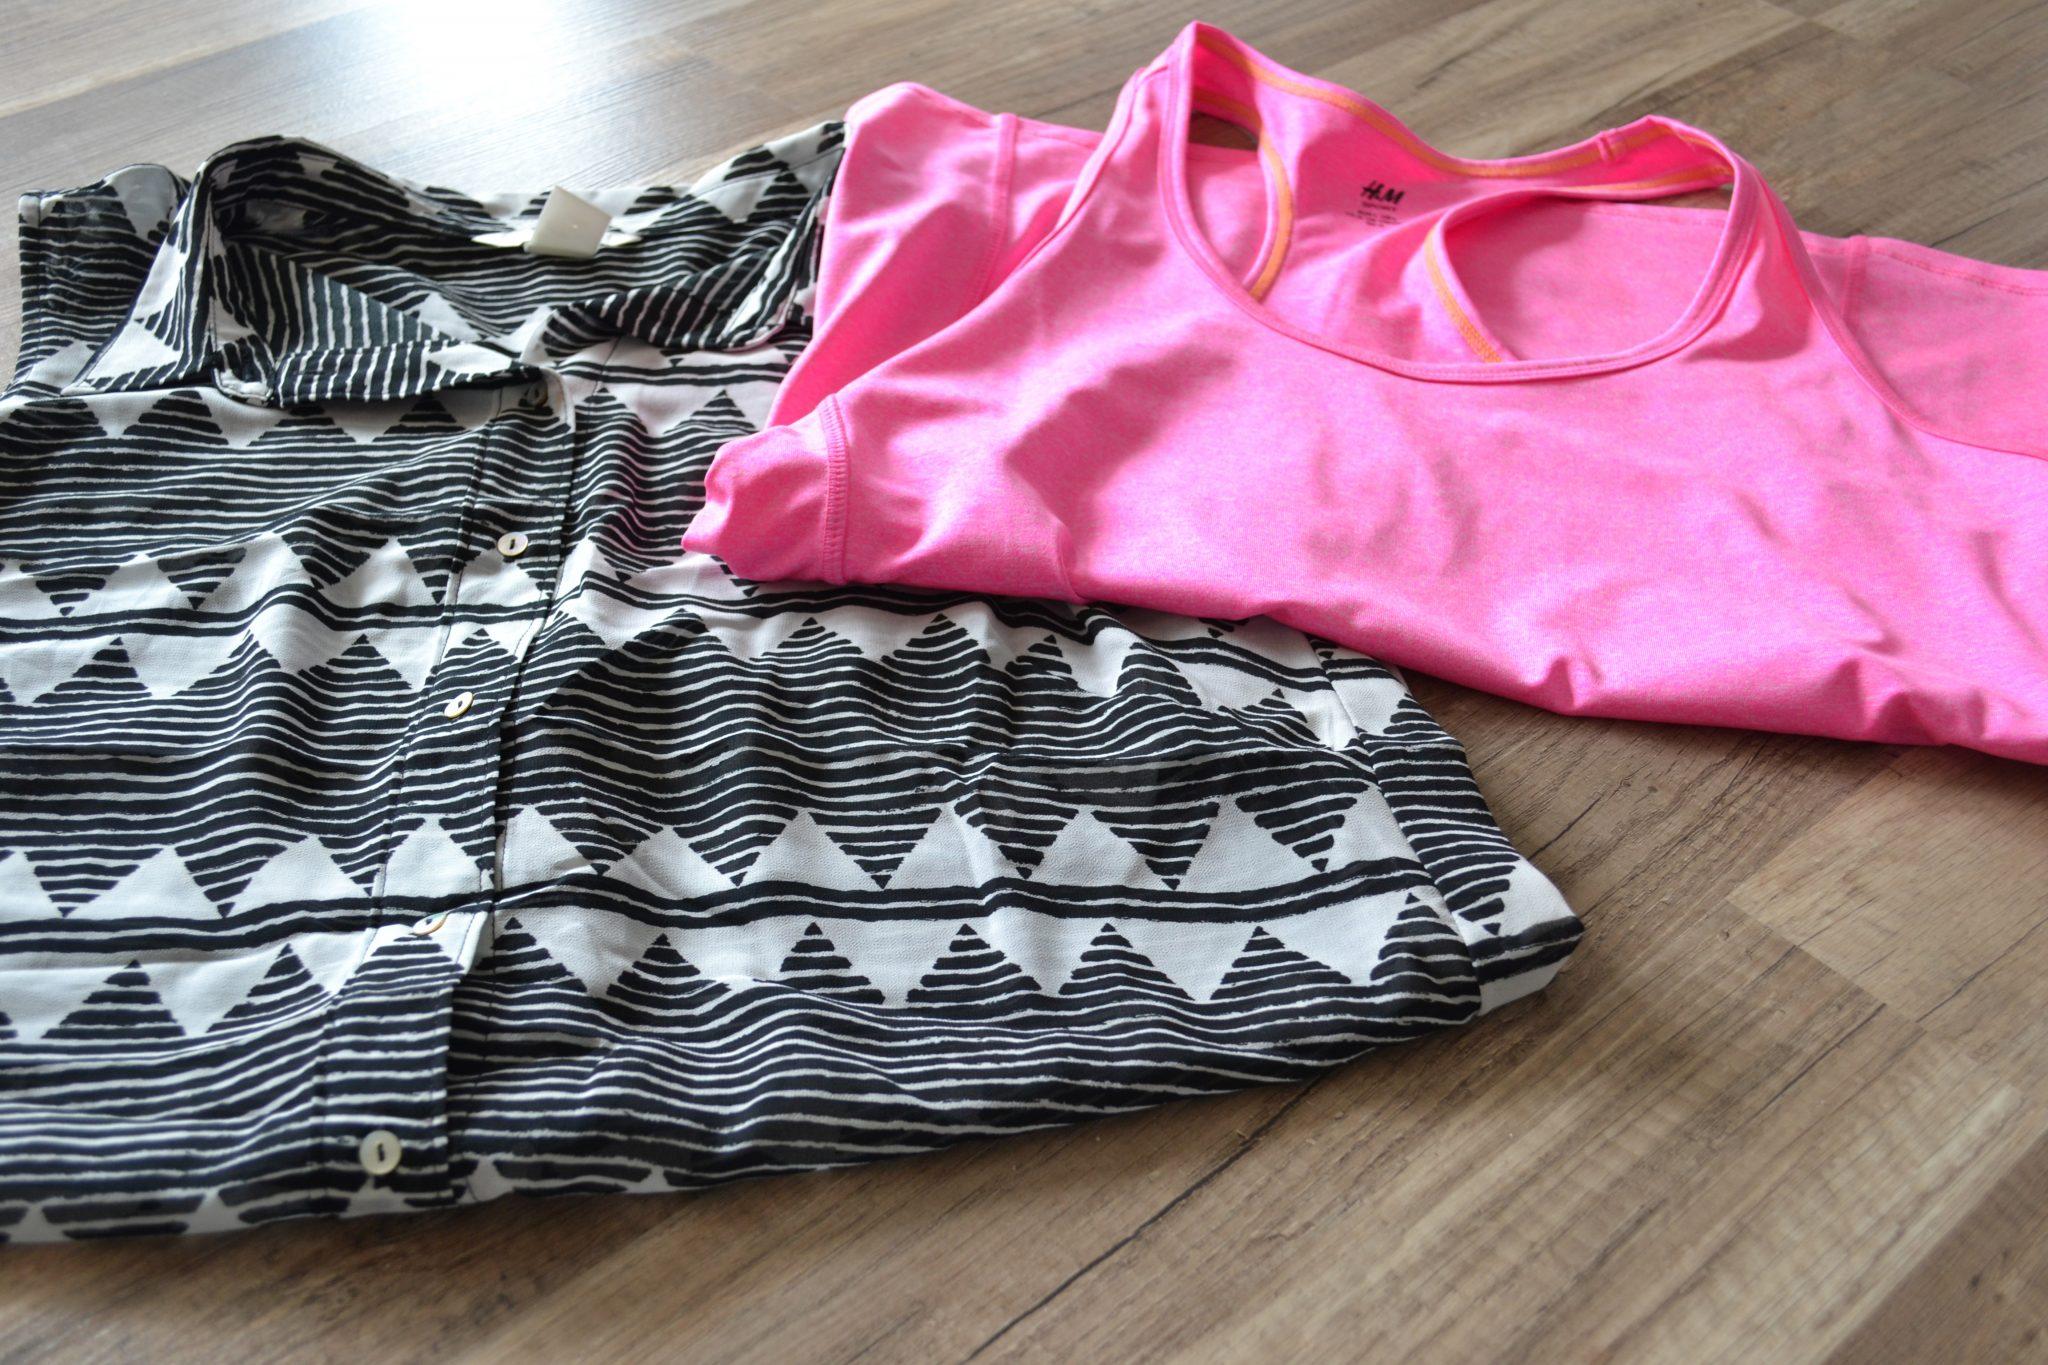 Outfit: Shopping-Ausbeute im April - DSC 0160